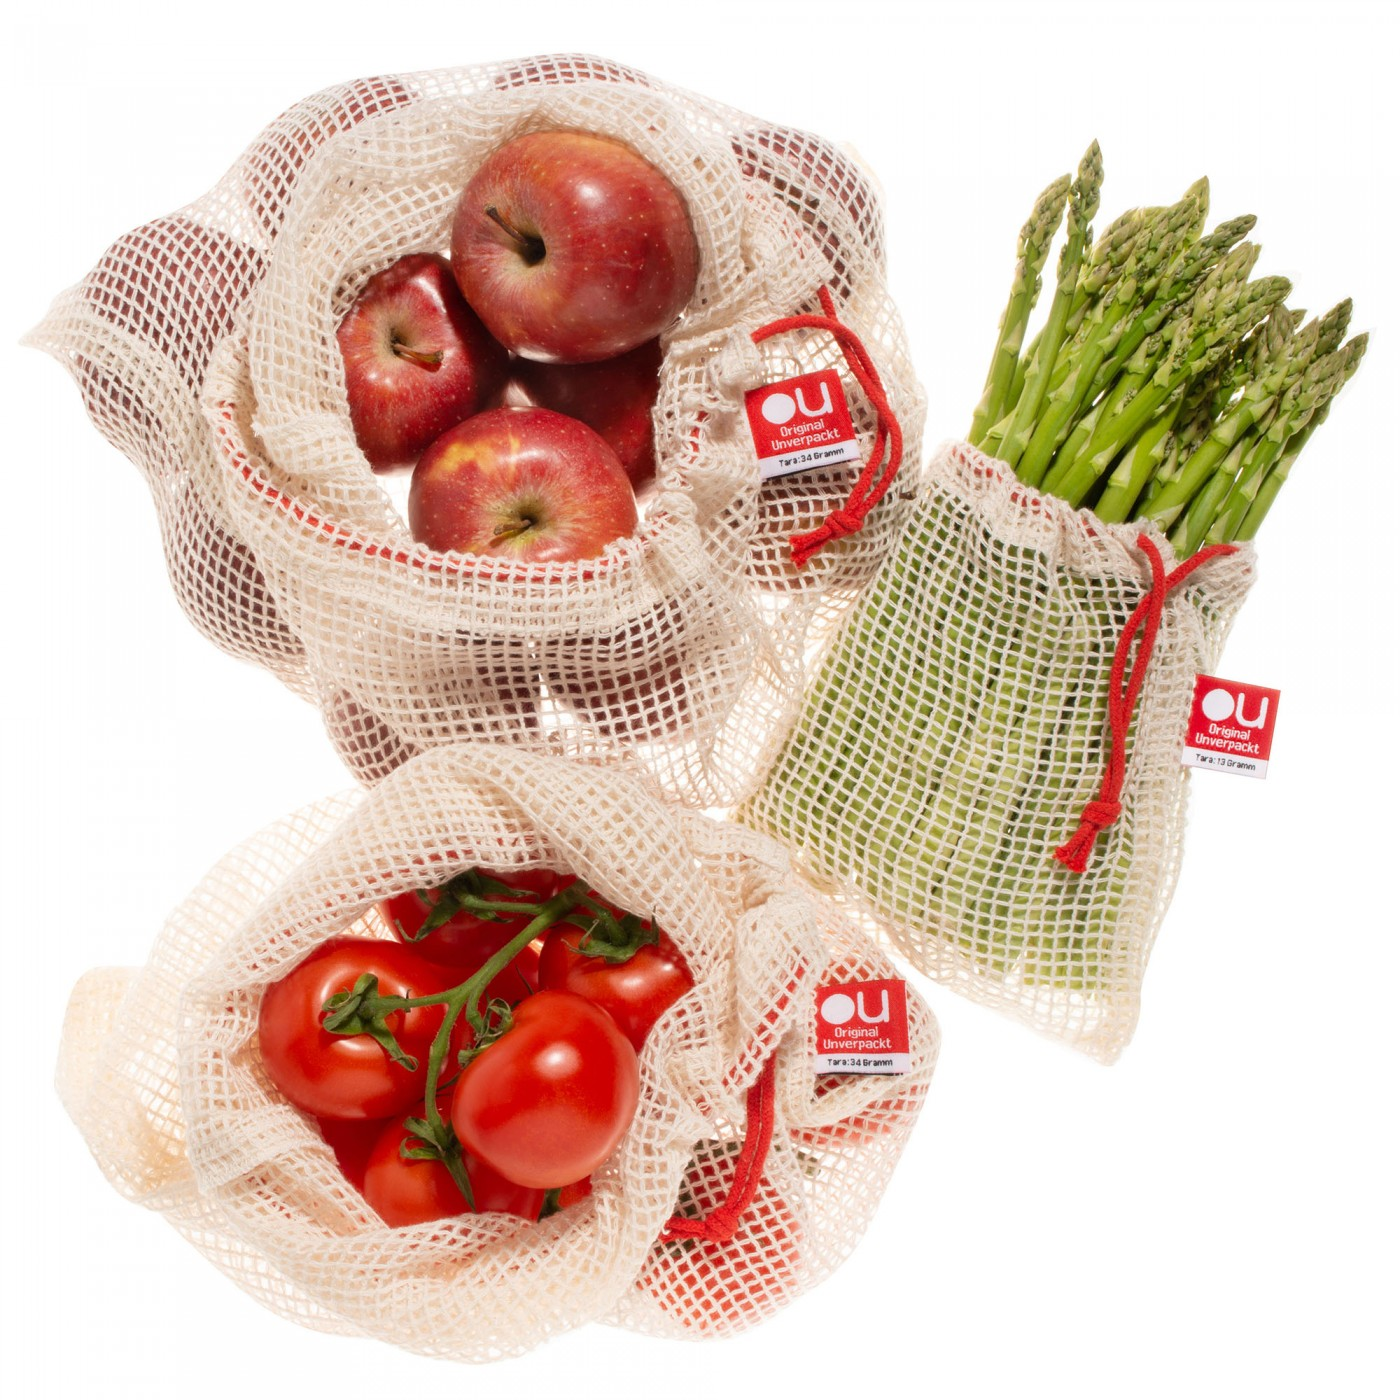 Zero Waste Products von Milena Glimbovski - Original Unverpackt.